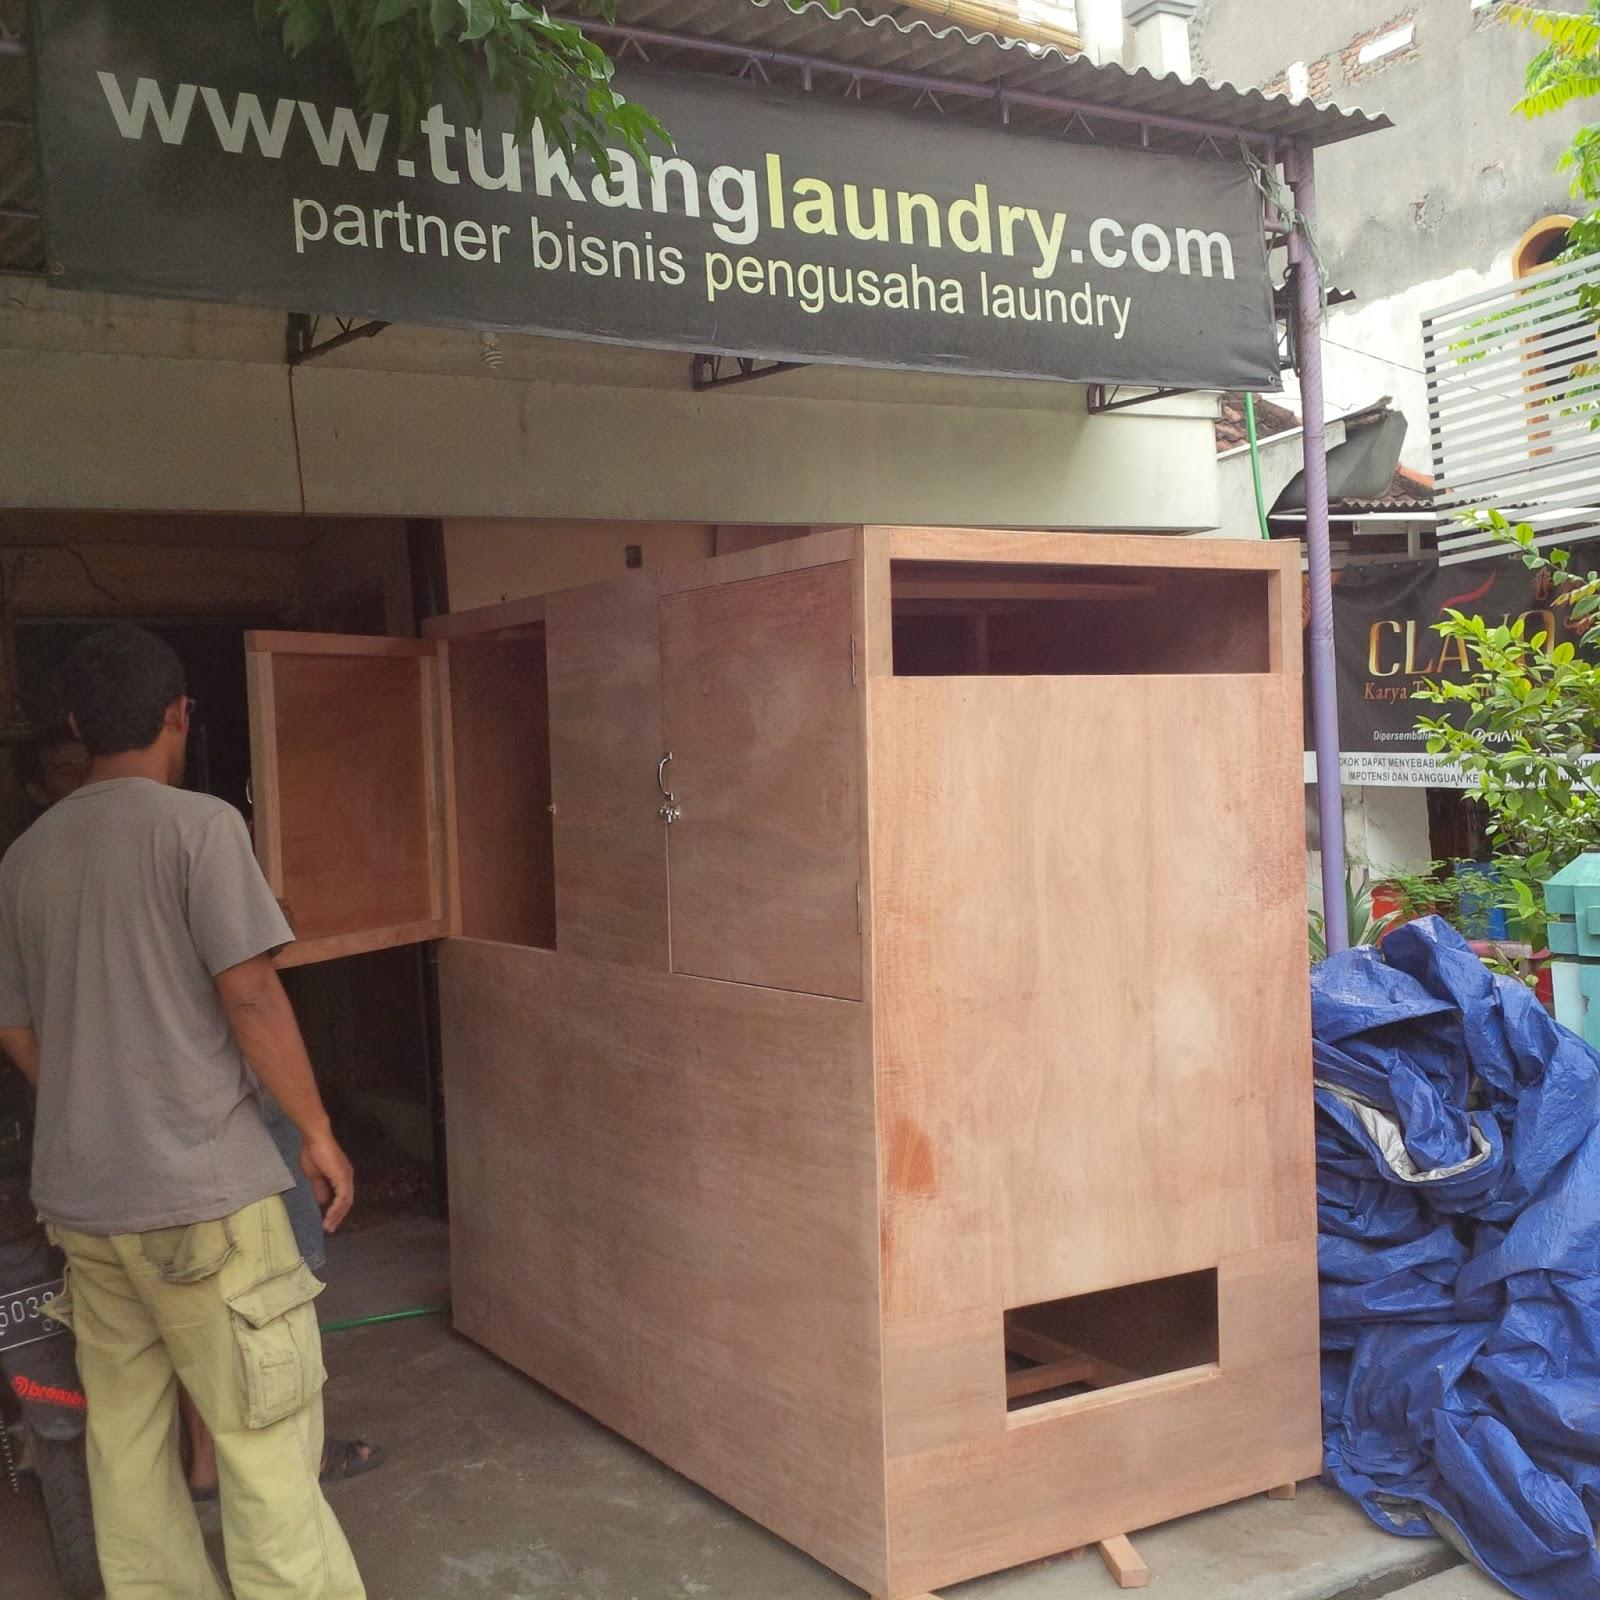 http://www.tukanglaundry.com/p/mesin-pengering-laundry_28.html